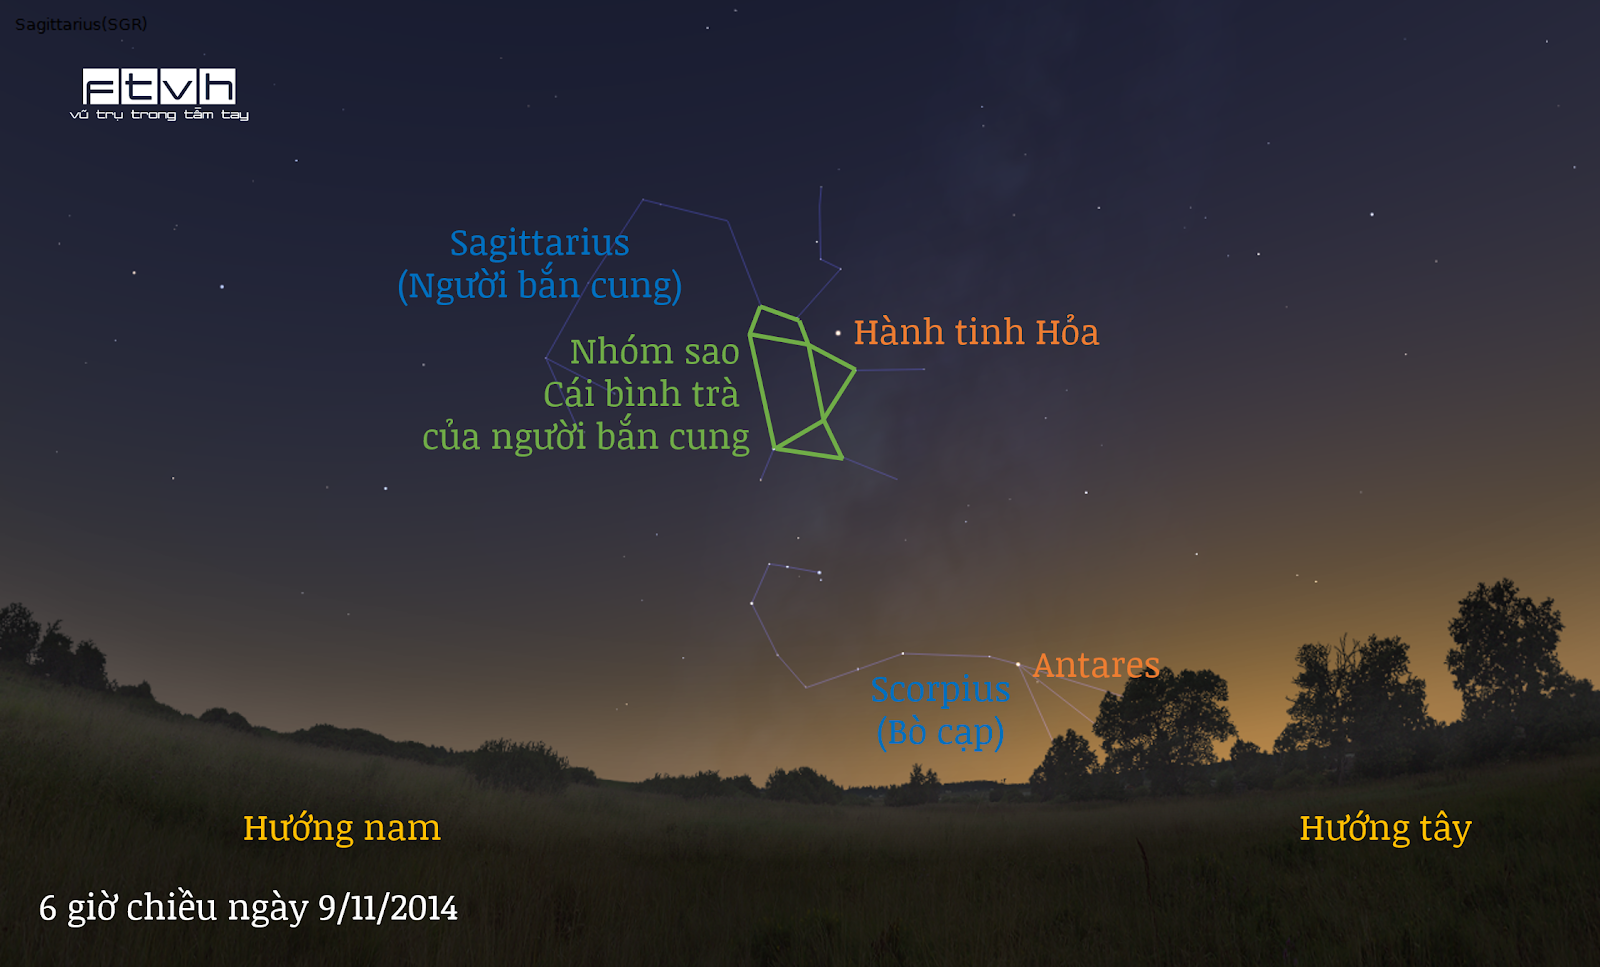 Minh họa bầu trời hướng tây nam lúc 6 giờ chiều ngày 9/11/2014. Hai thiên thể sáng màu đỏ cam cùng tỏa sáng trên bầu trời chiều.